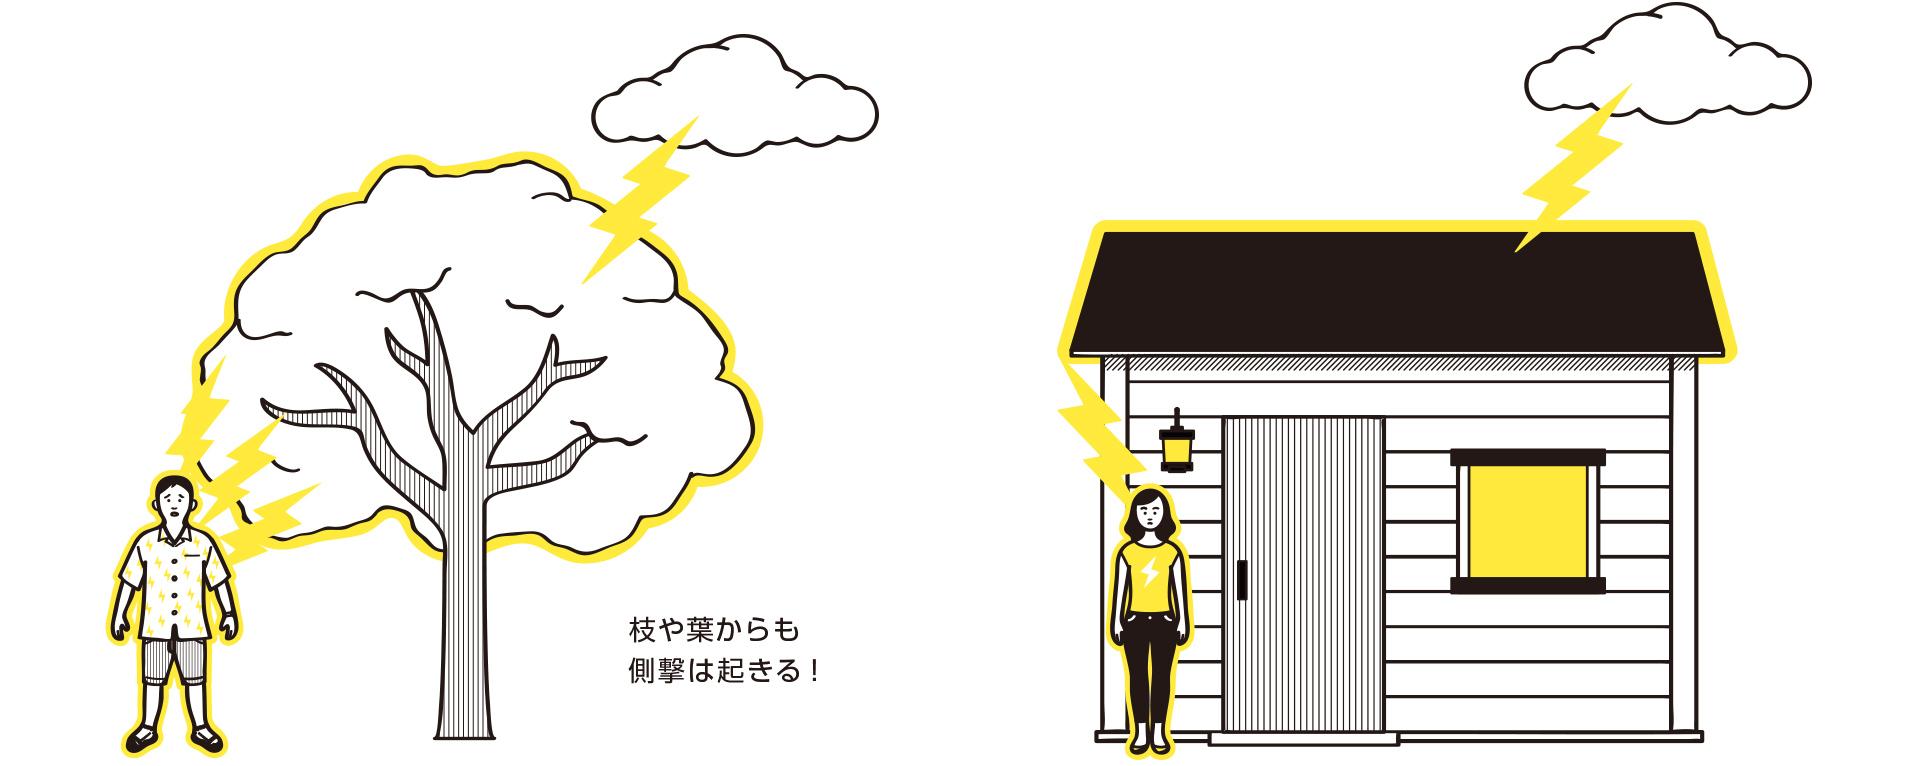 雷雨時の危険行動 |身を守る| 雷の知識 | 雷(らい)ぶらり